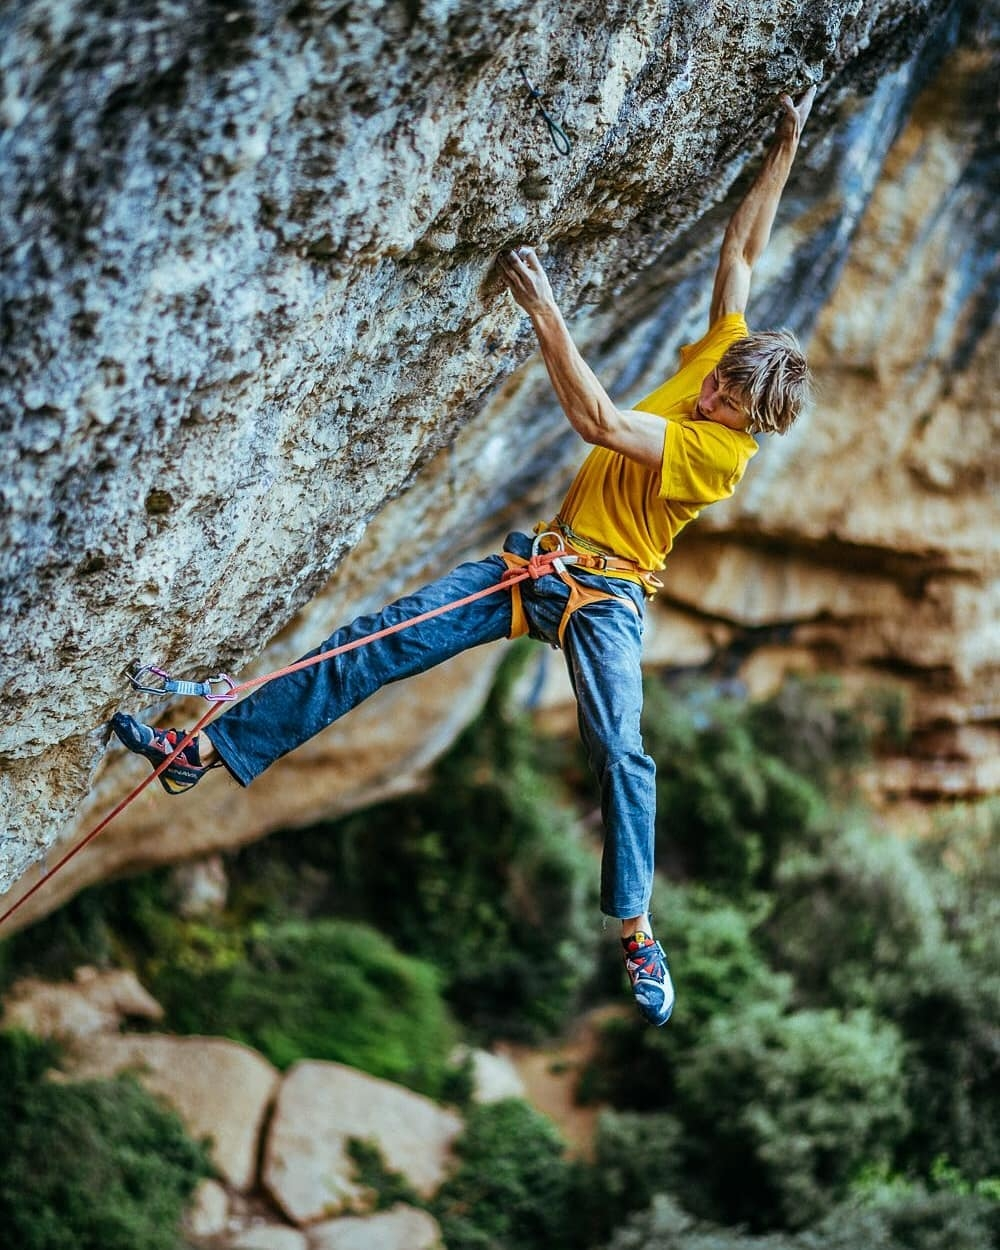 Perfecto Mundo: primo 9b+ per Alex Megos - Novelle d'arrampicata